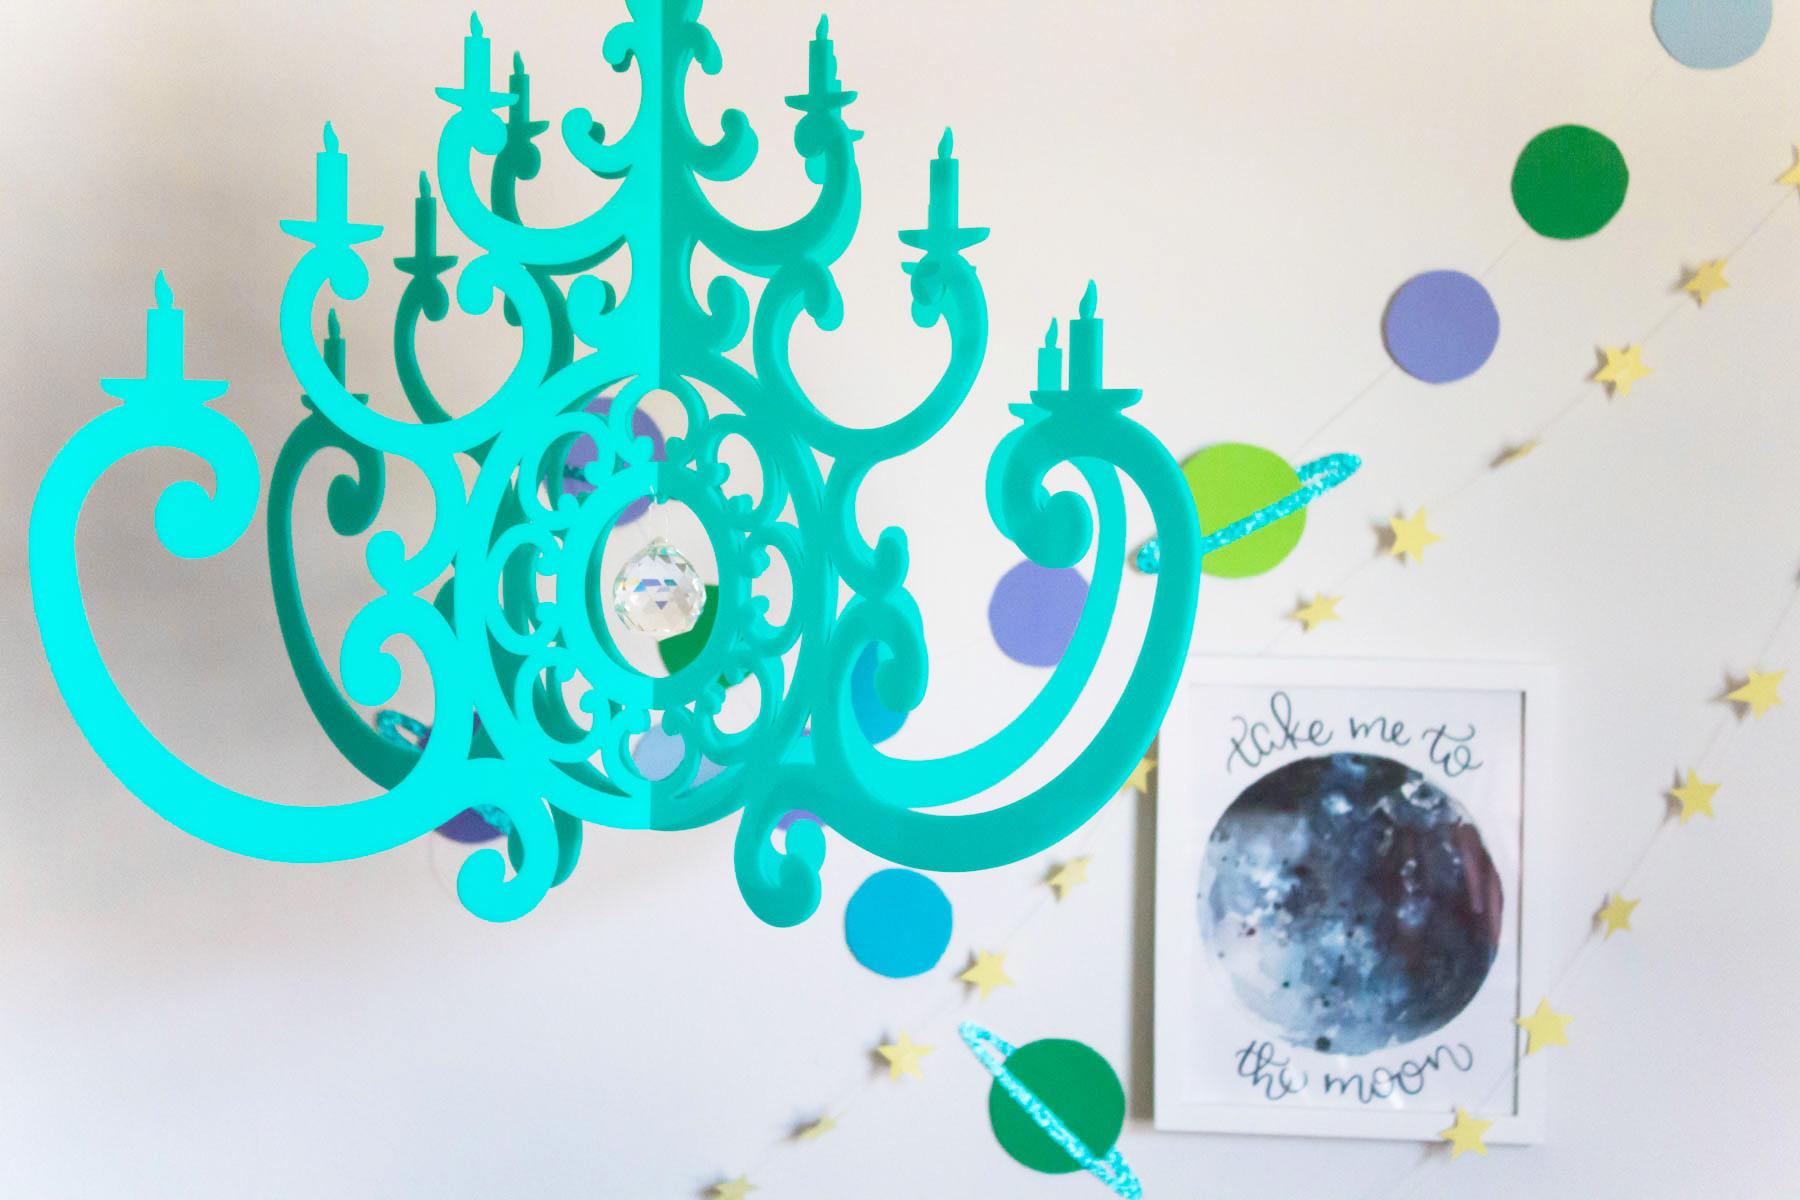 chandeliershoot-5786.jpg